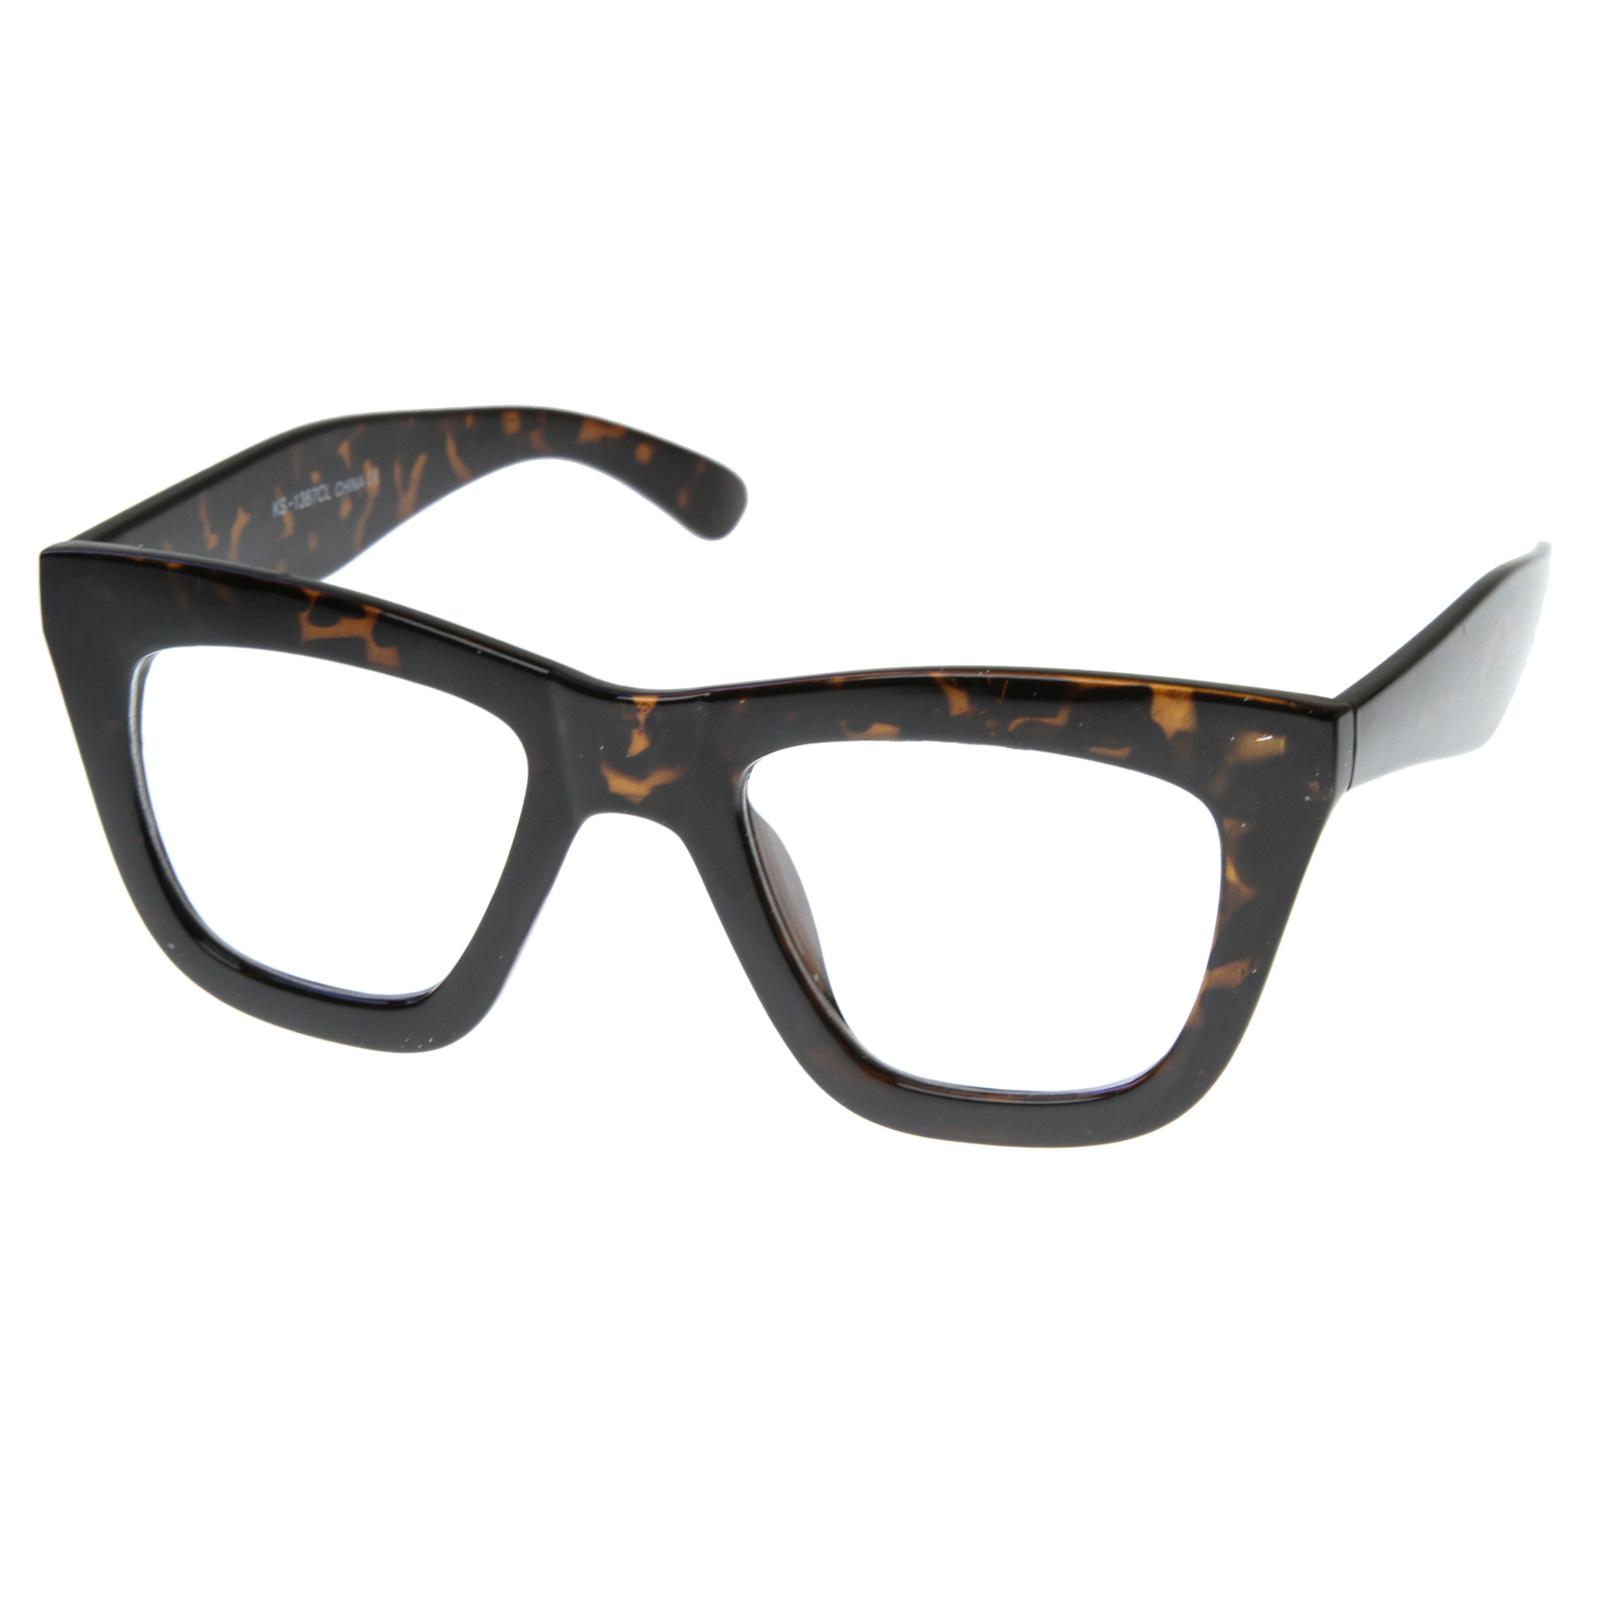 Frame Glasses On Shark Tank : Super Trendy Thick Frame Shark Fin New Clear Lens UV400 ...